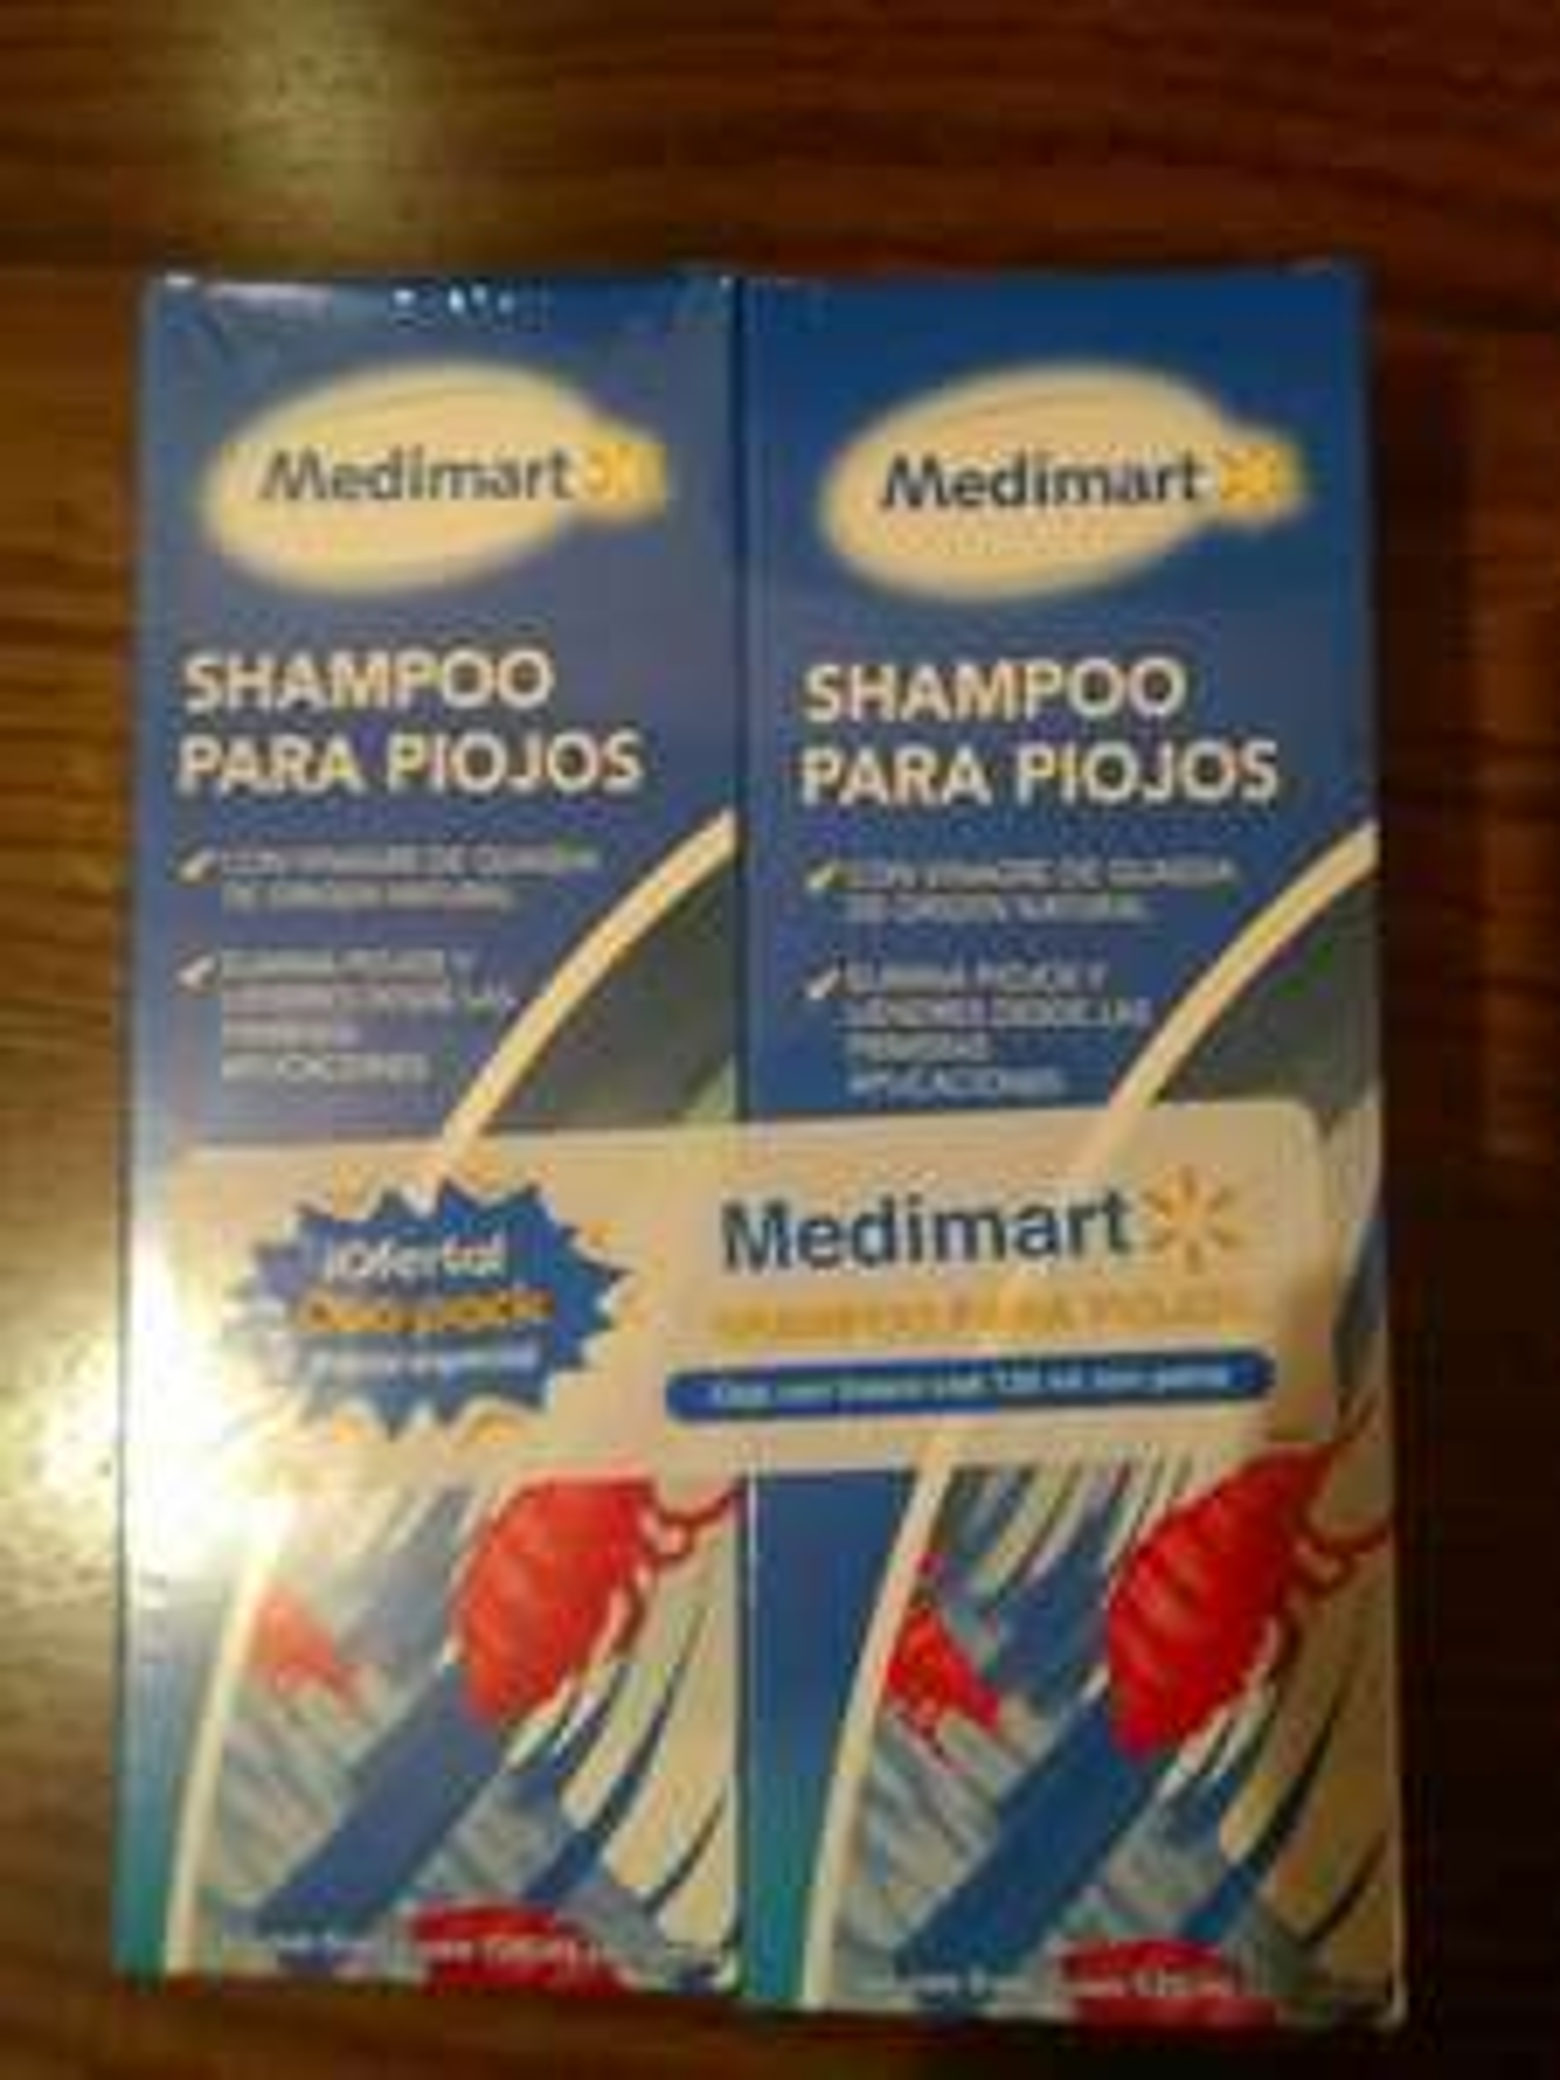 Bodega Aurrerá: shampoo para piojos a $16.01